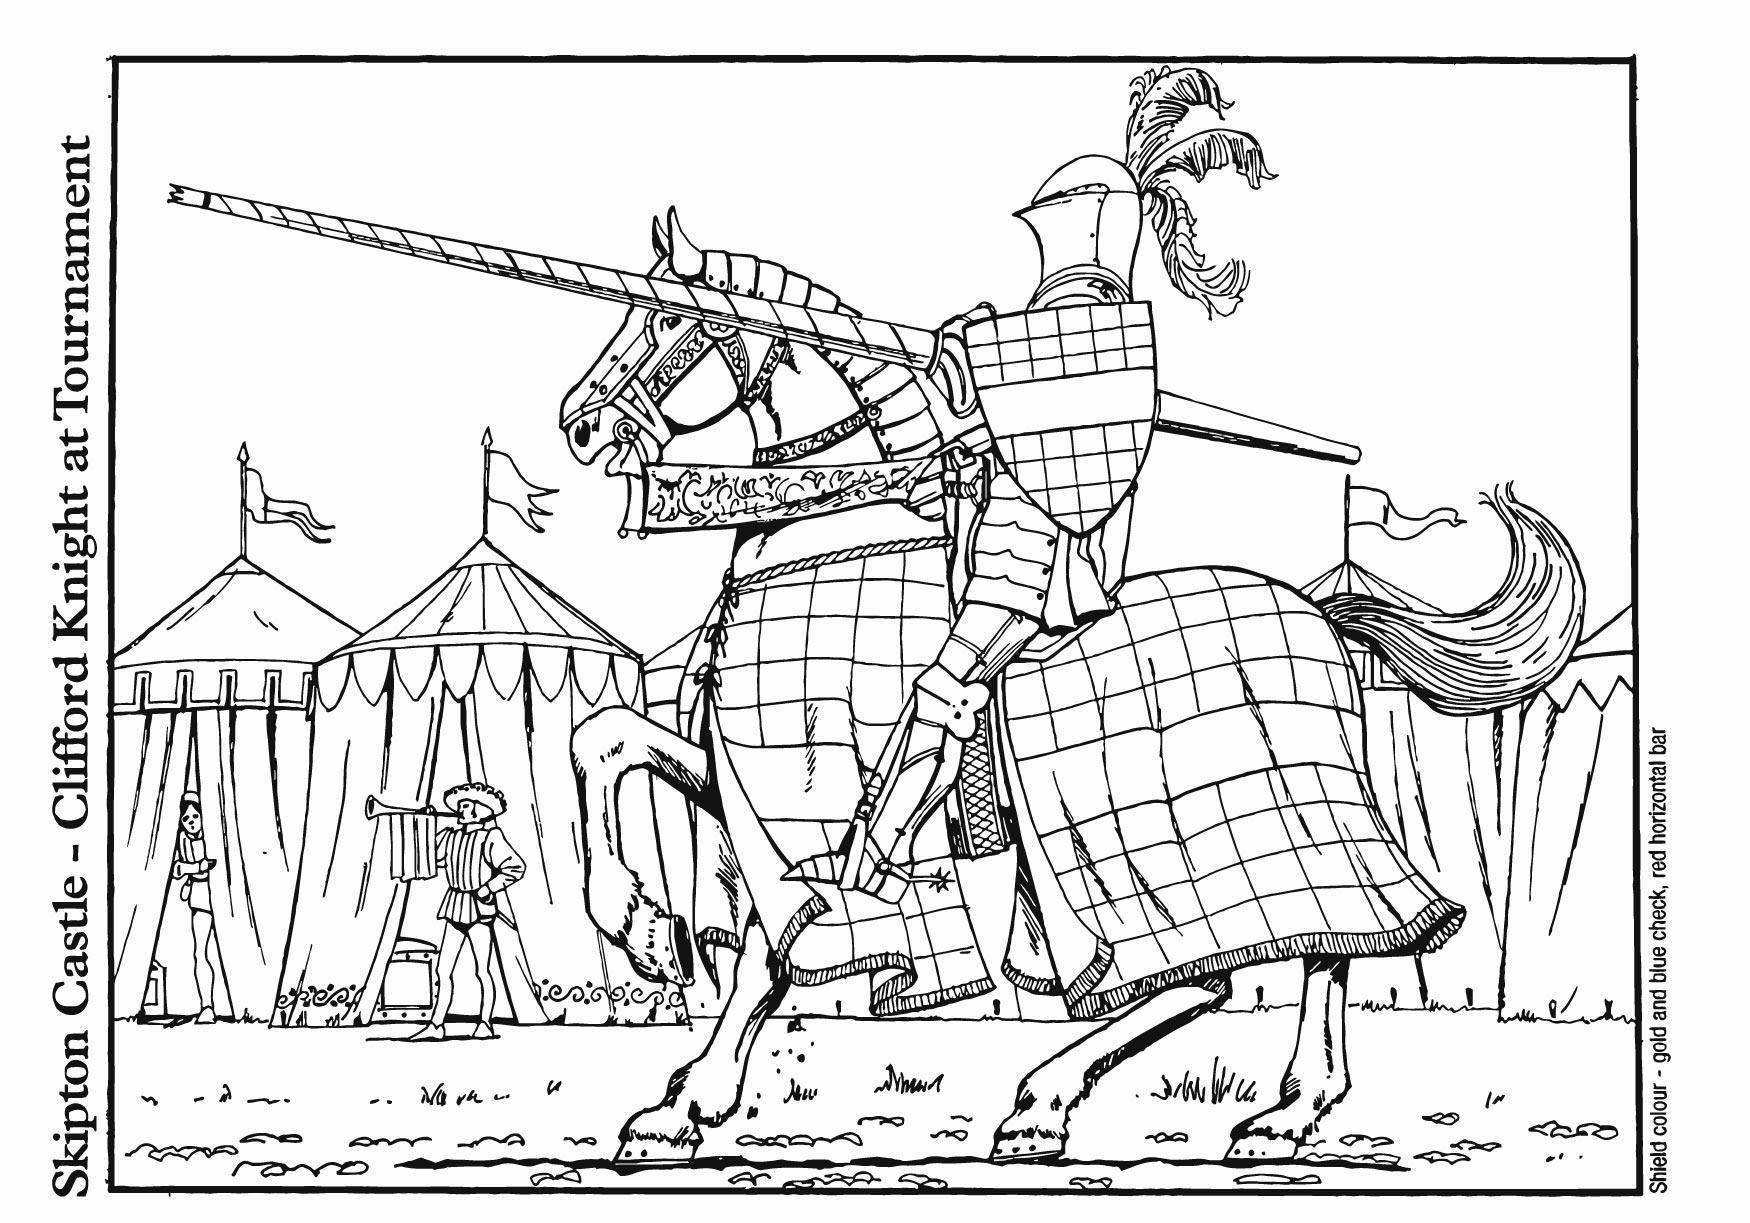 Malvorlage Ritter im Turnier | Ausmalbild 18741.